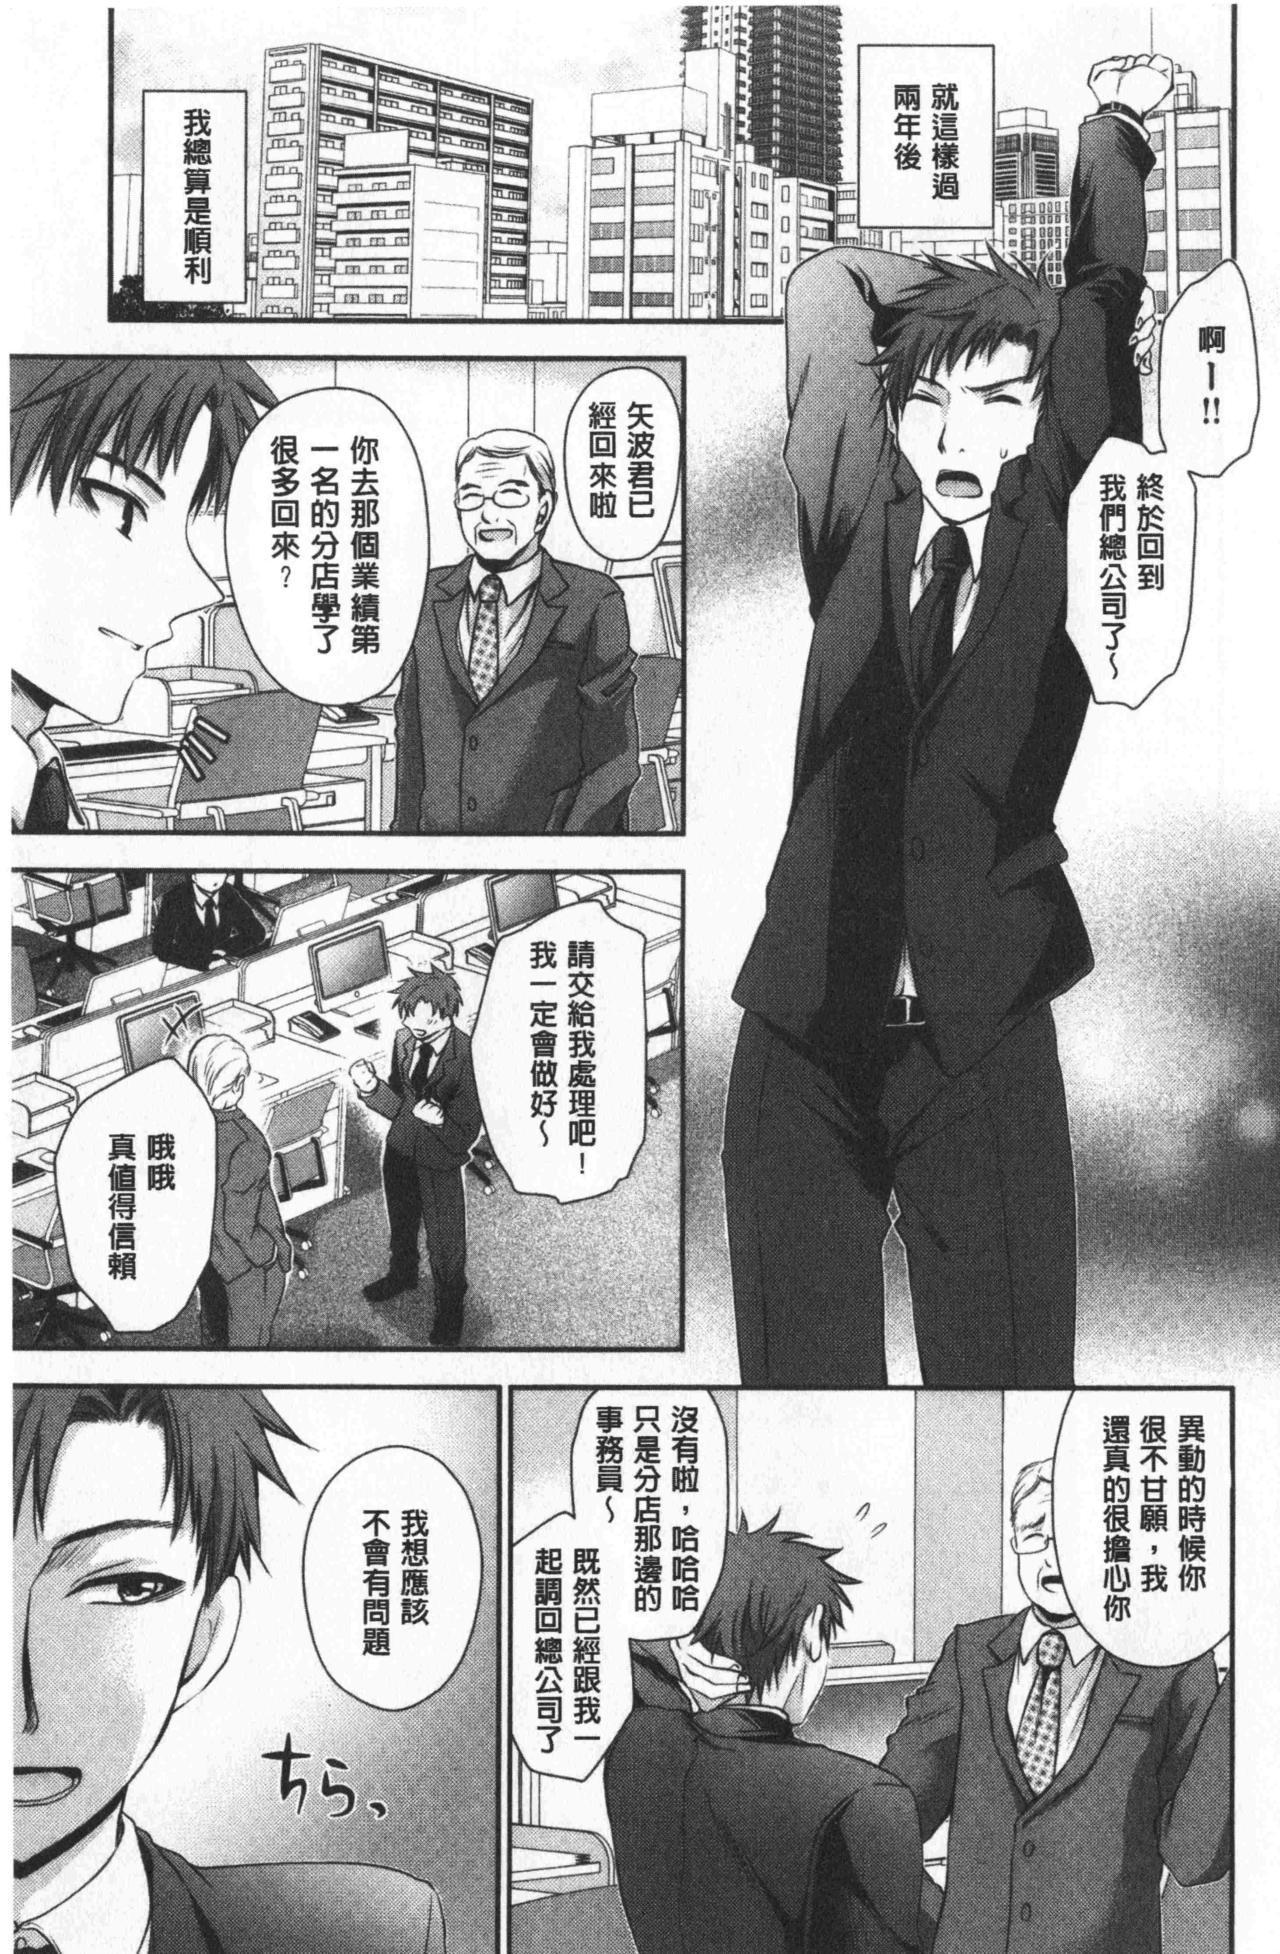 Doku Aru Hana no Amai Mitsu   毒淫花的甘甜蜜 58